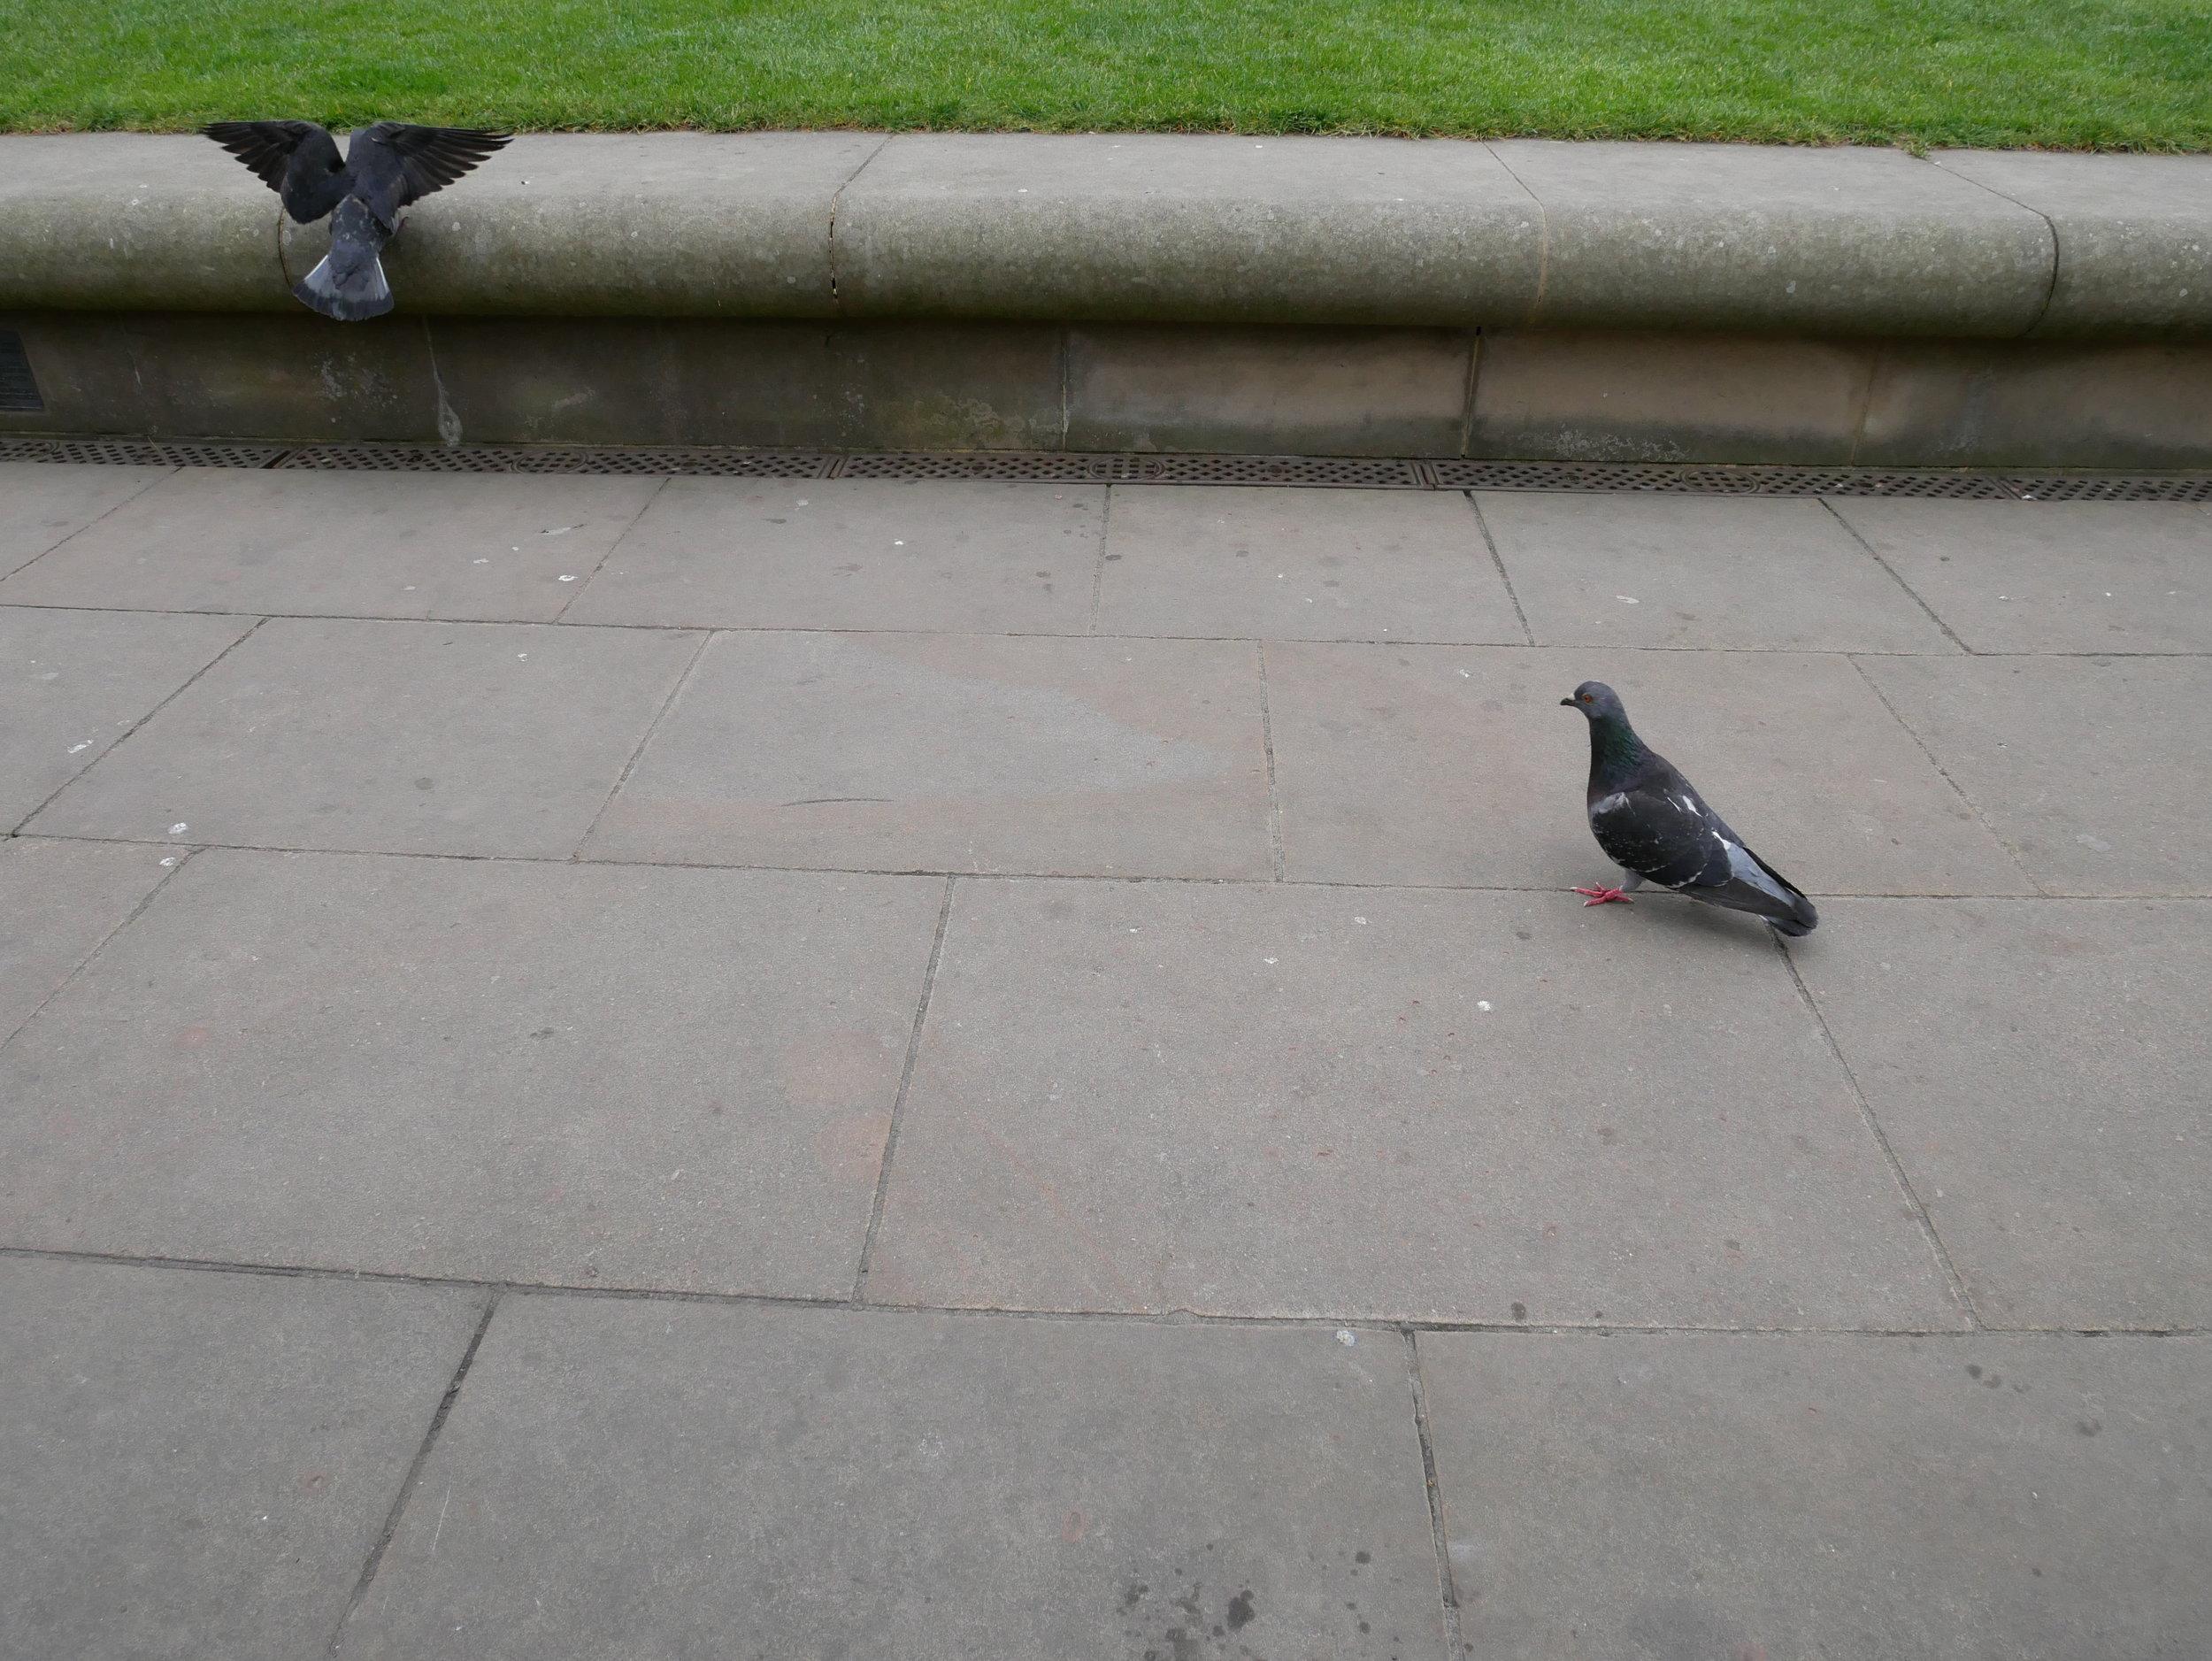 Efter besöket i kyrkan strosade jag omkring en stund. Jag satte mig på en bänk och glodde på fåglar, t.ex.